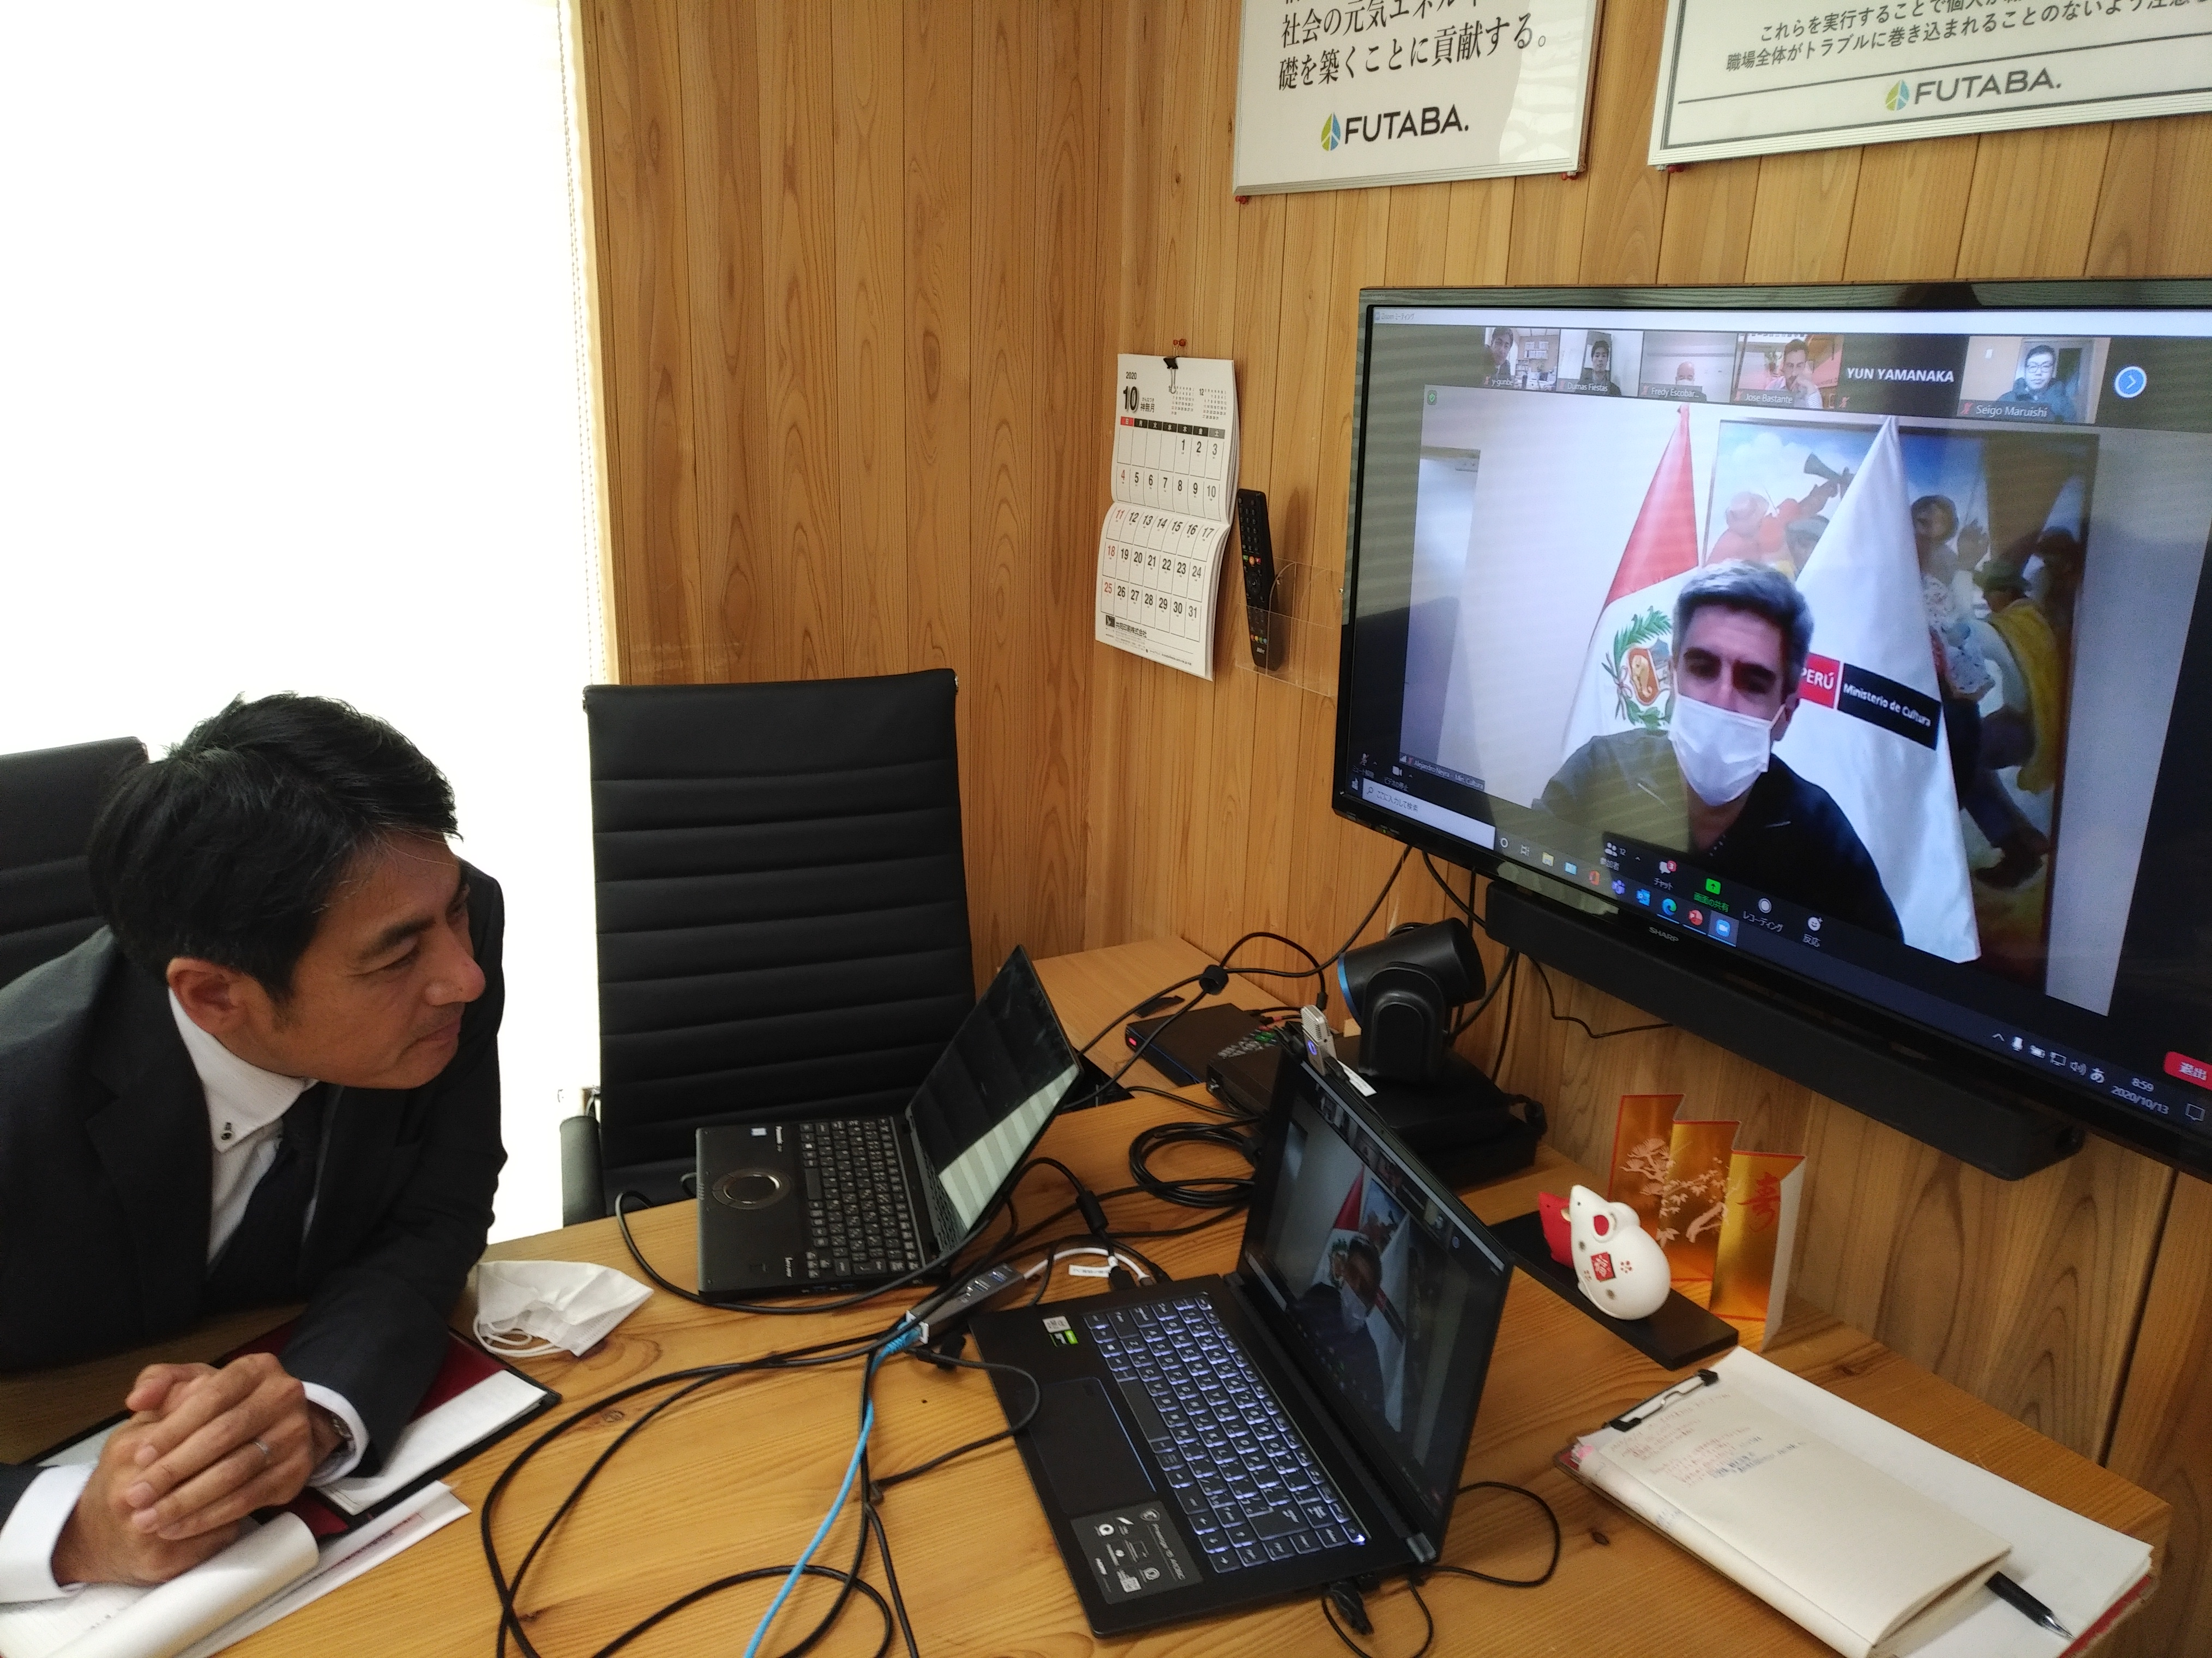 ペルーの文化大臣とネット会議の画像